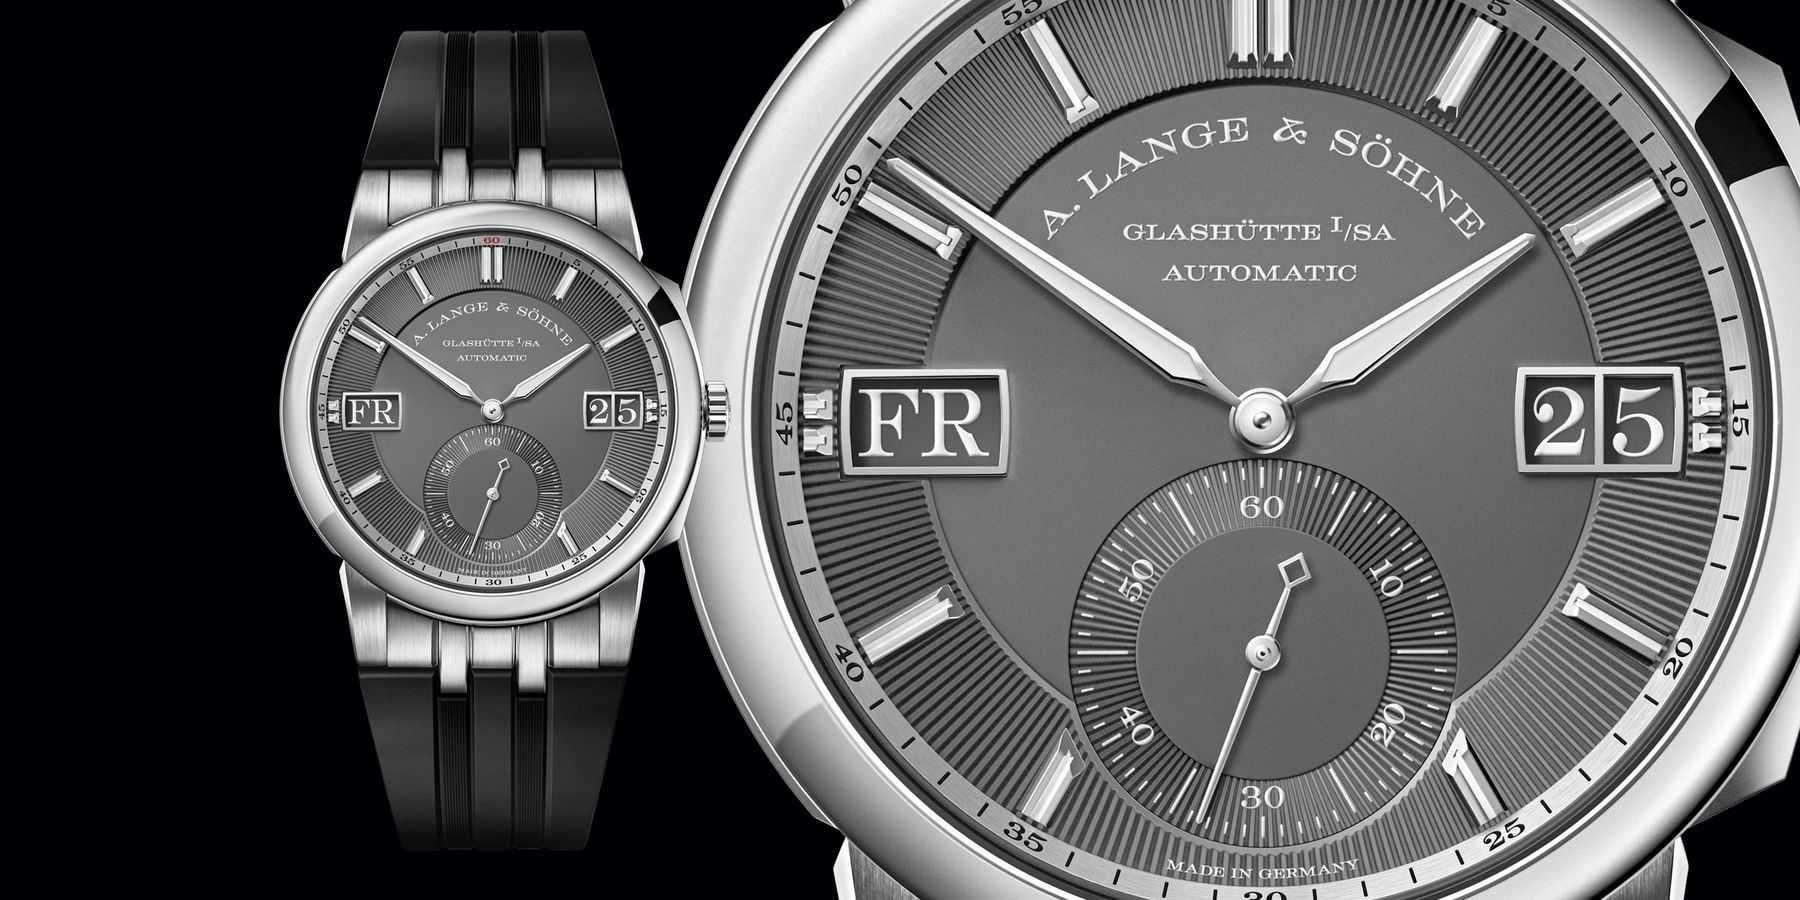 【2020線上錶展】A. Lange & Söhne脫胎換骨的尊貴運動錶